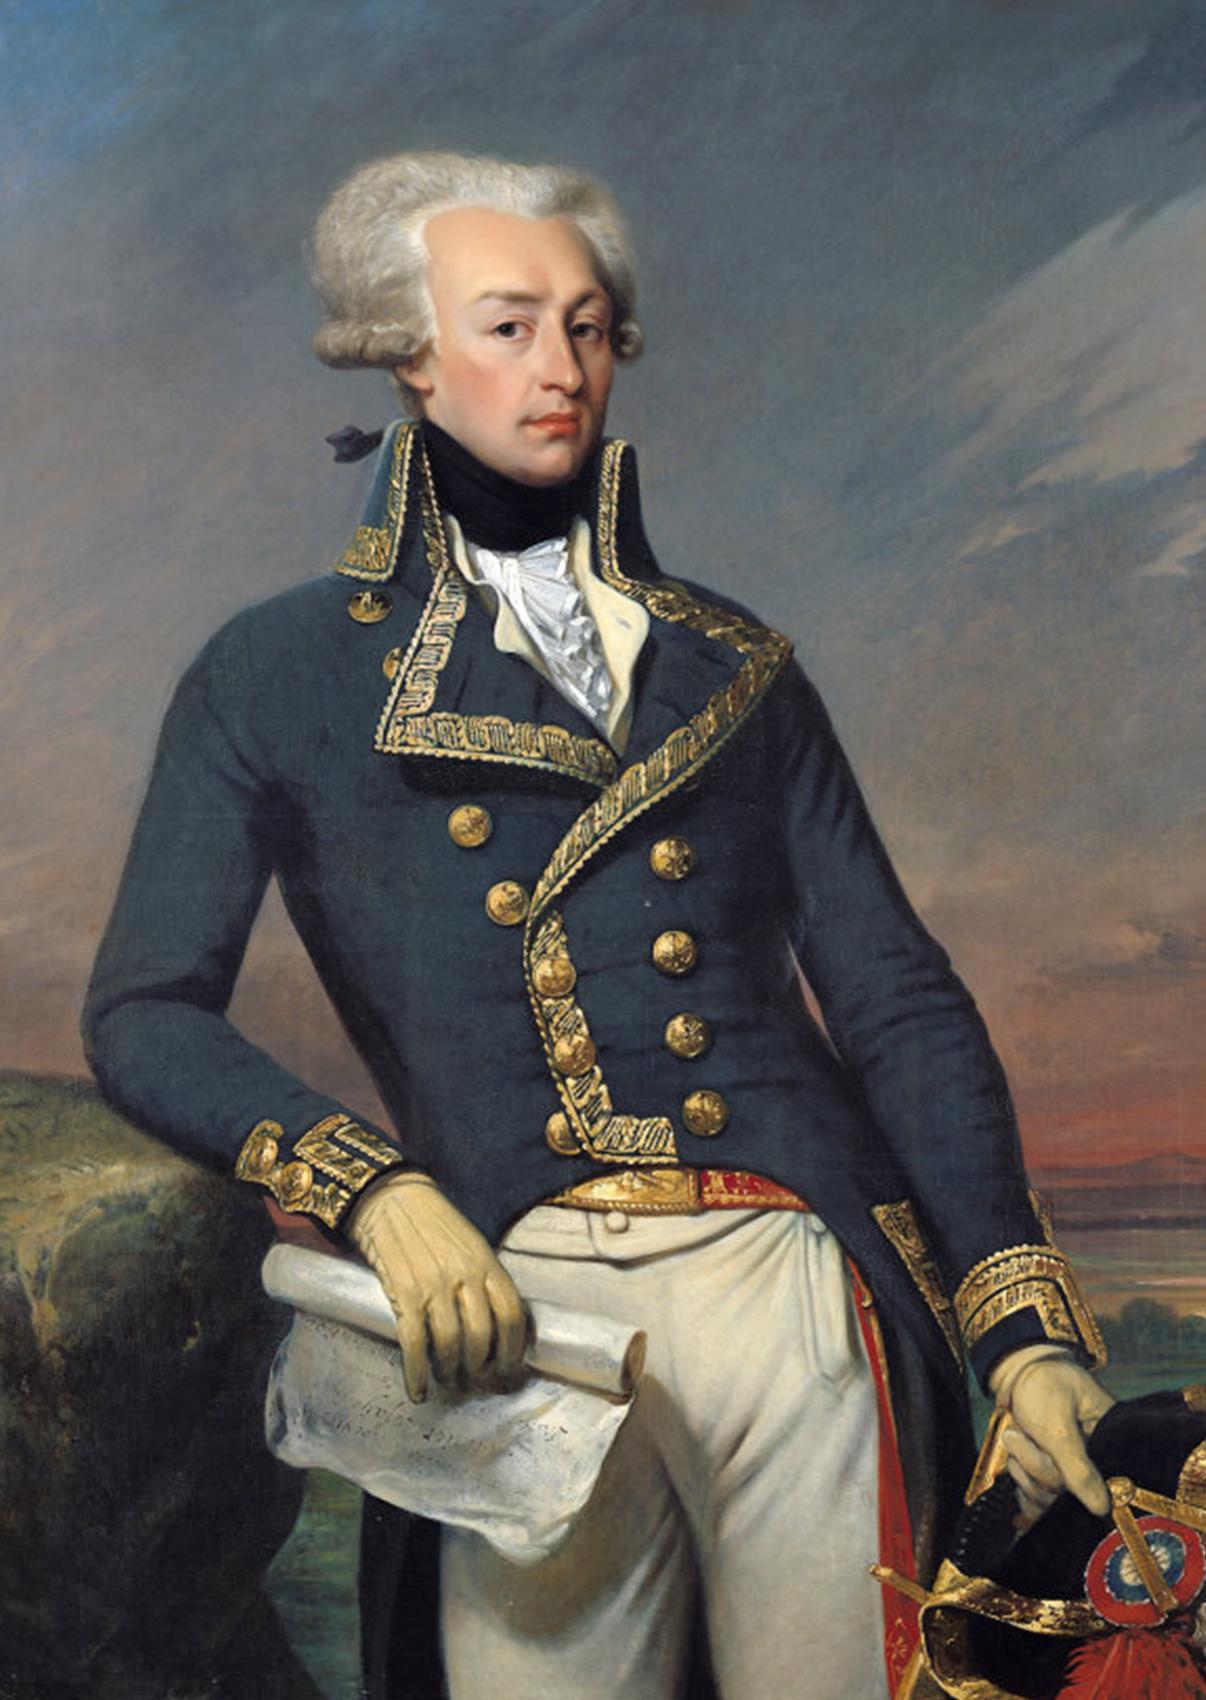 Gilbert du Motier, Marqués de La Fayette